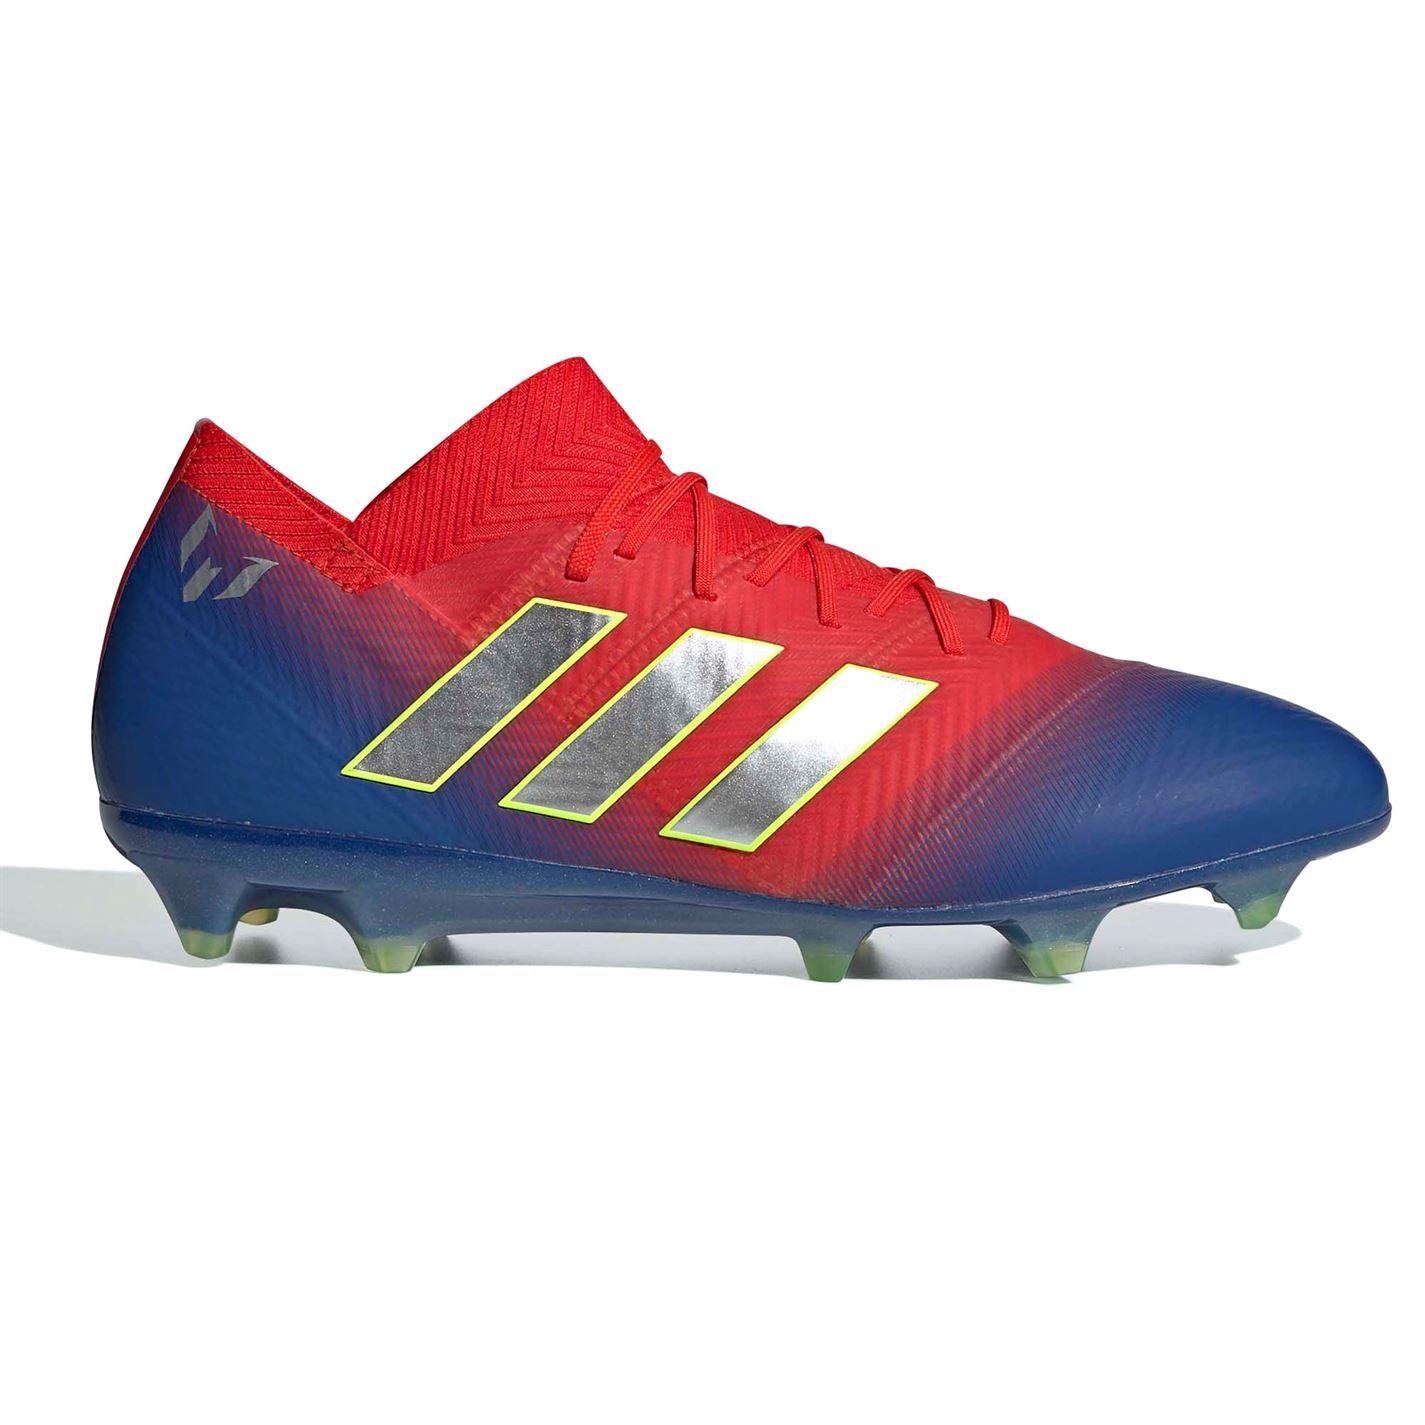 1832209d1b kopačky adidas Nemeziz Messi 18.1 pánské FG